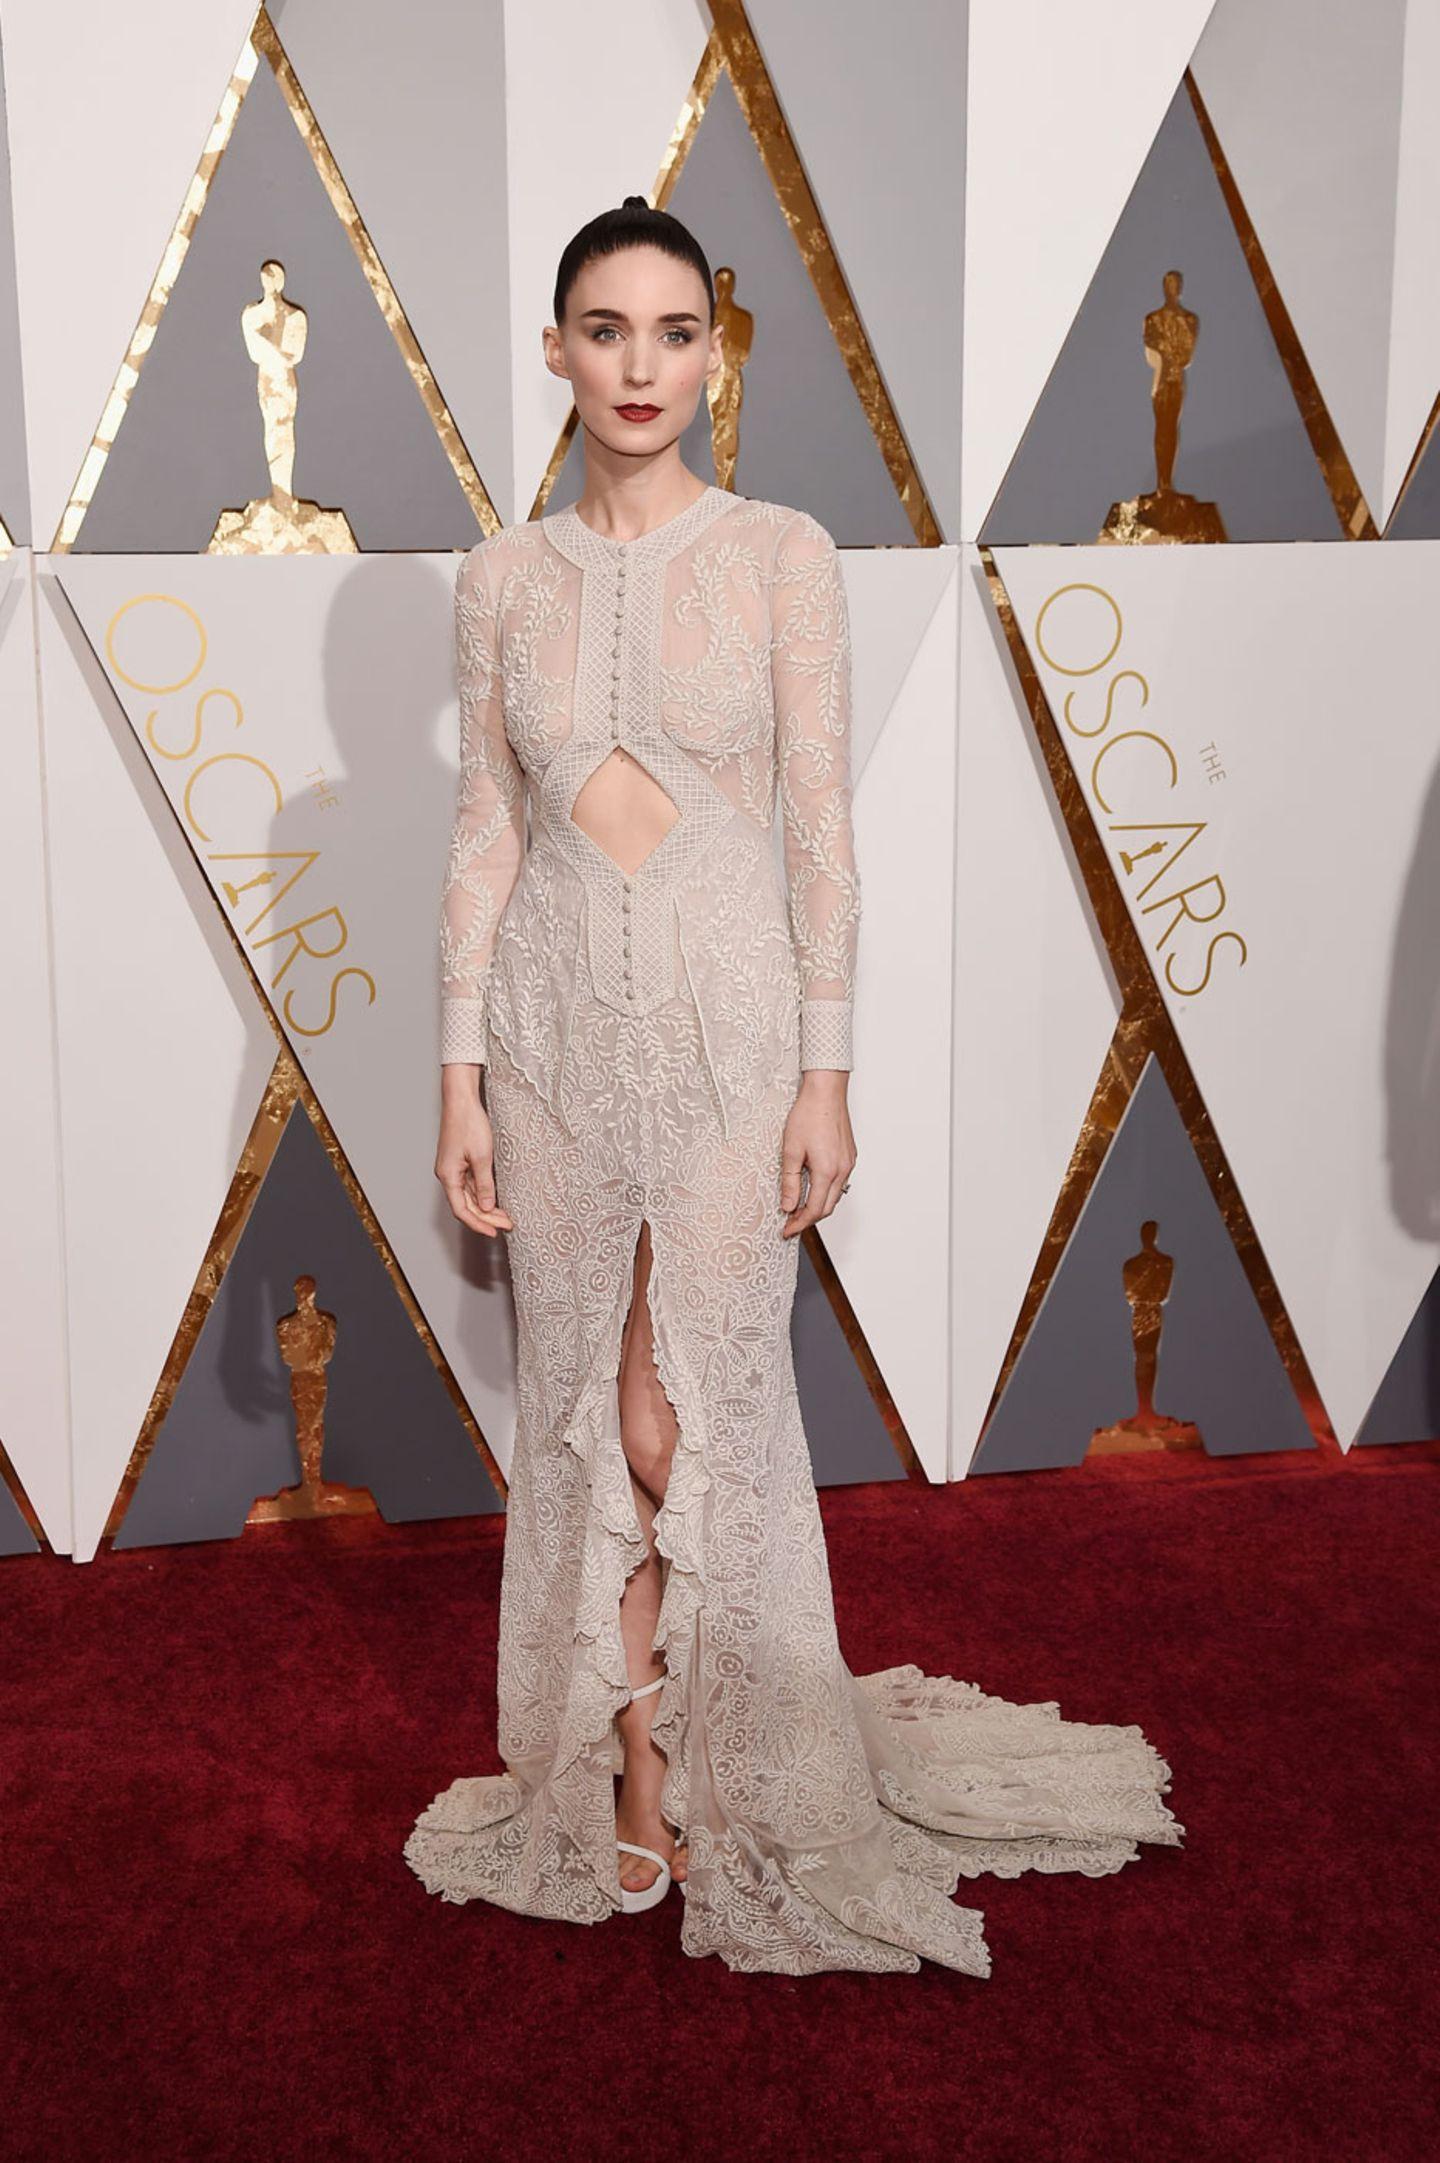 Oscars 2016: Rooney Mara